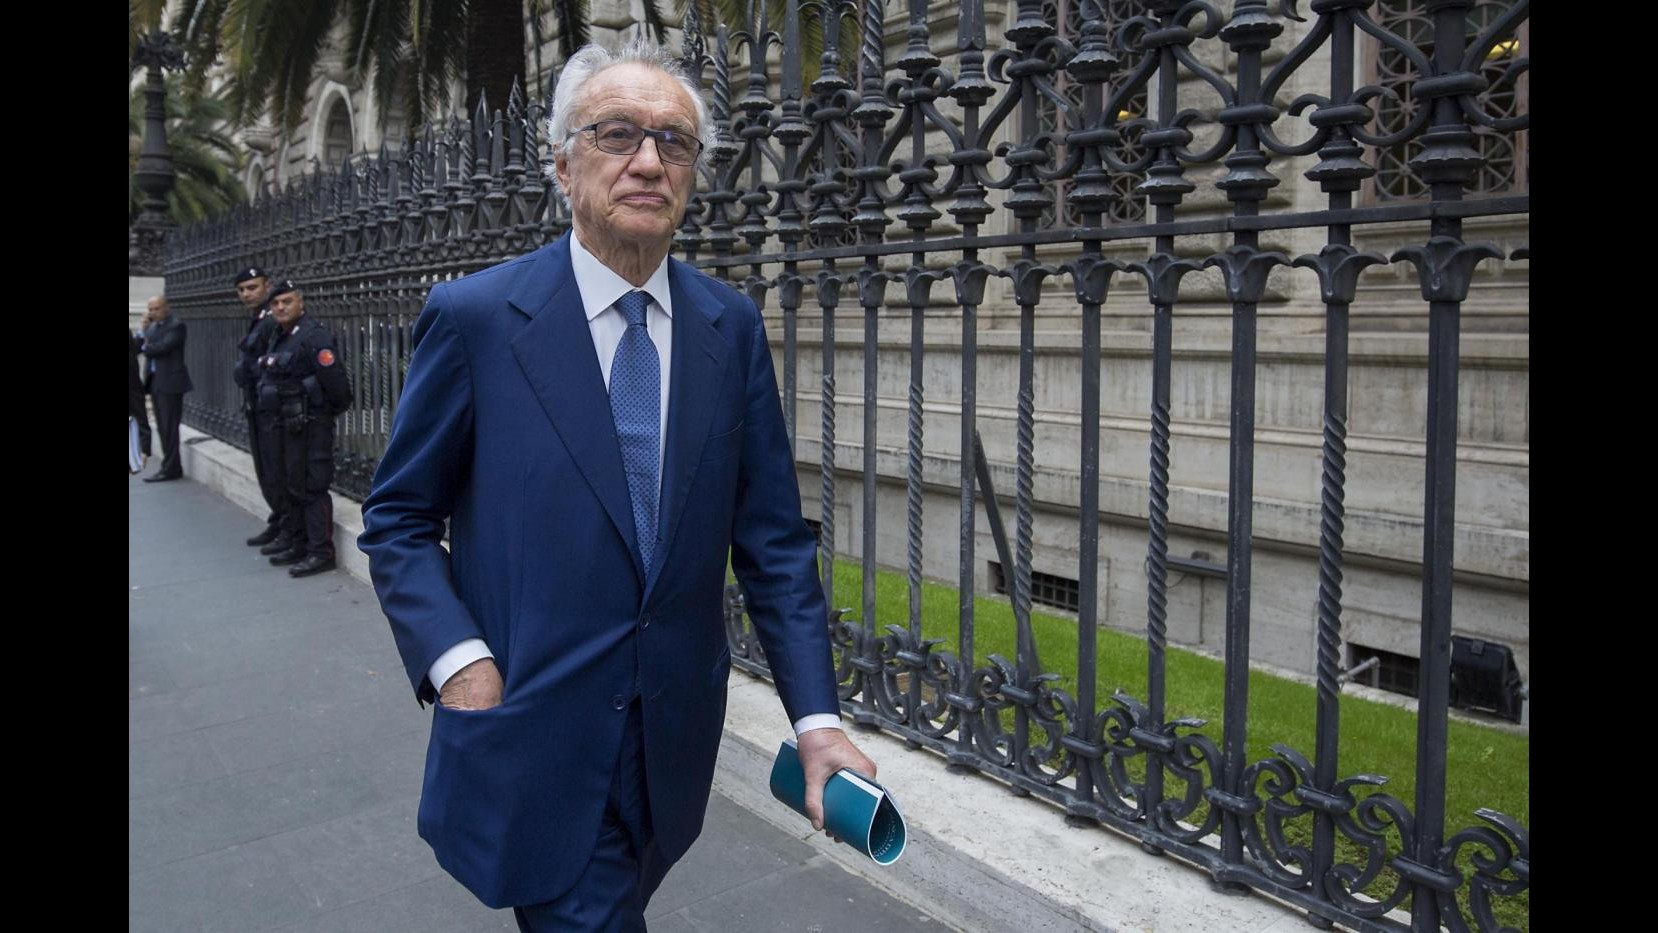 Intesa Sp, Bazoli: 'Emerito' è un aggettivo attribuito a ex presidenti